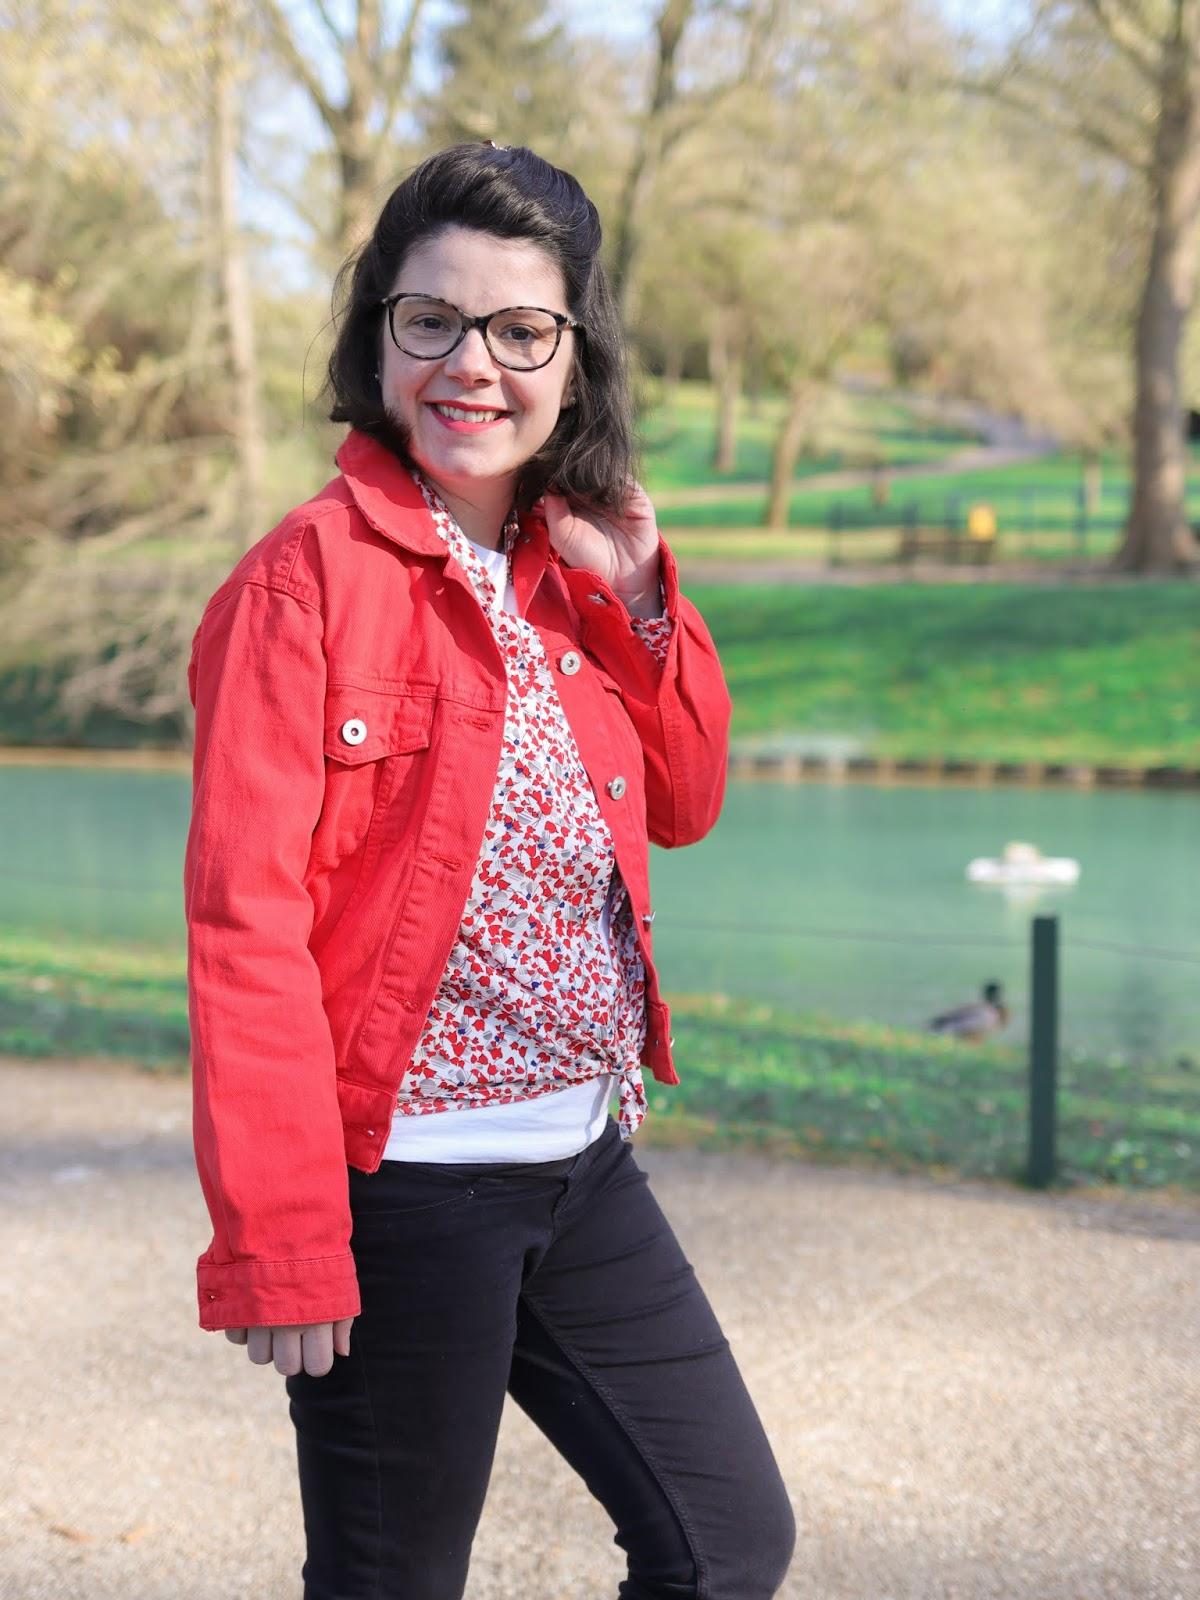 avis lookiero chemise à fleurs comment porter look idée tenue box vetements veste en jean rouge maman apres grossesse rondeurs